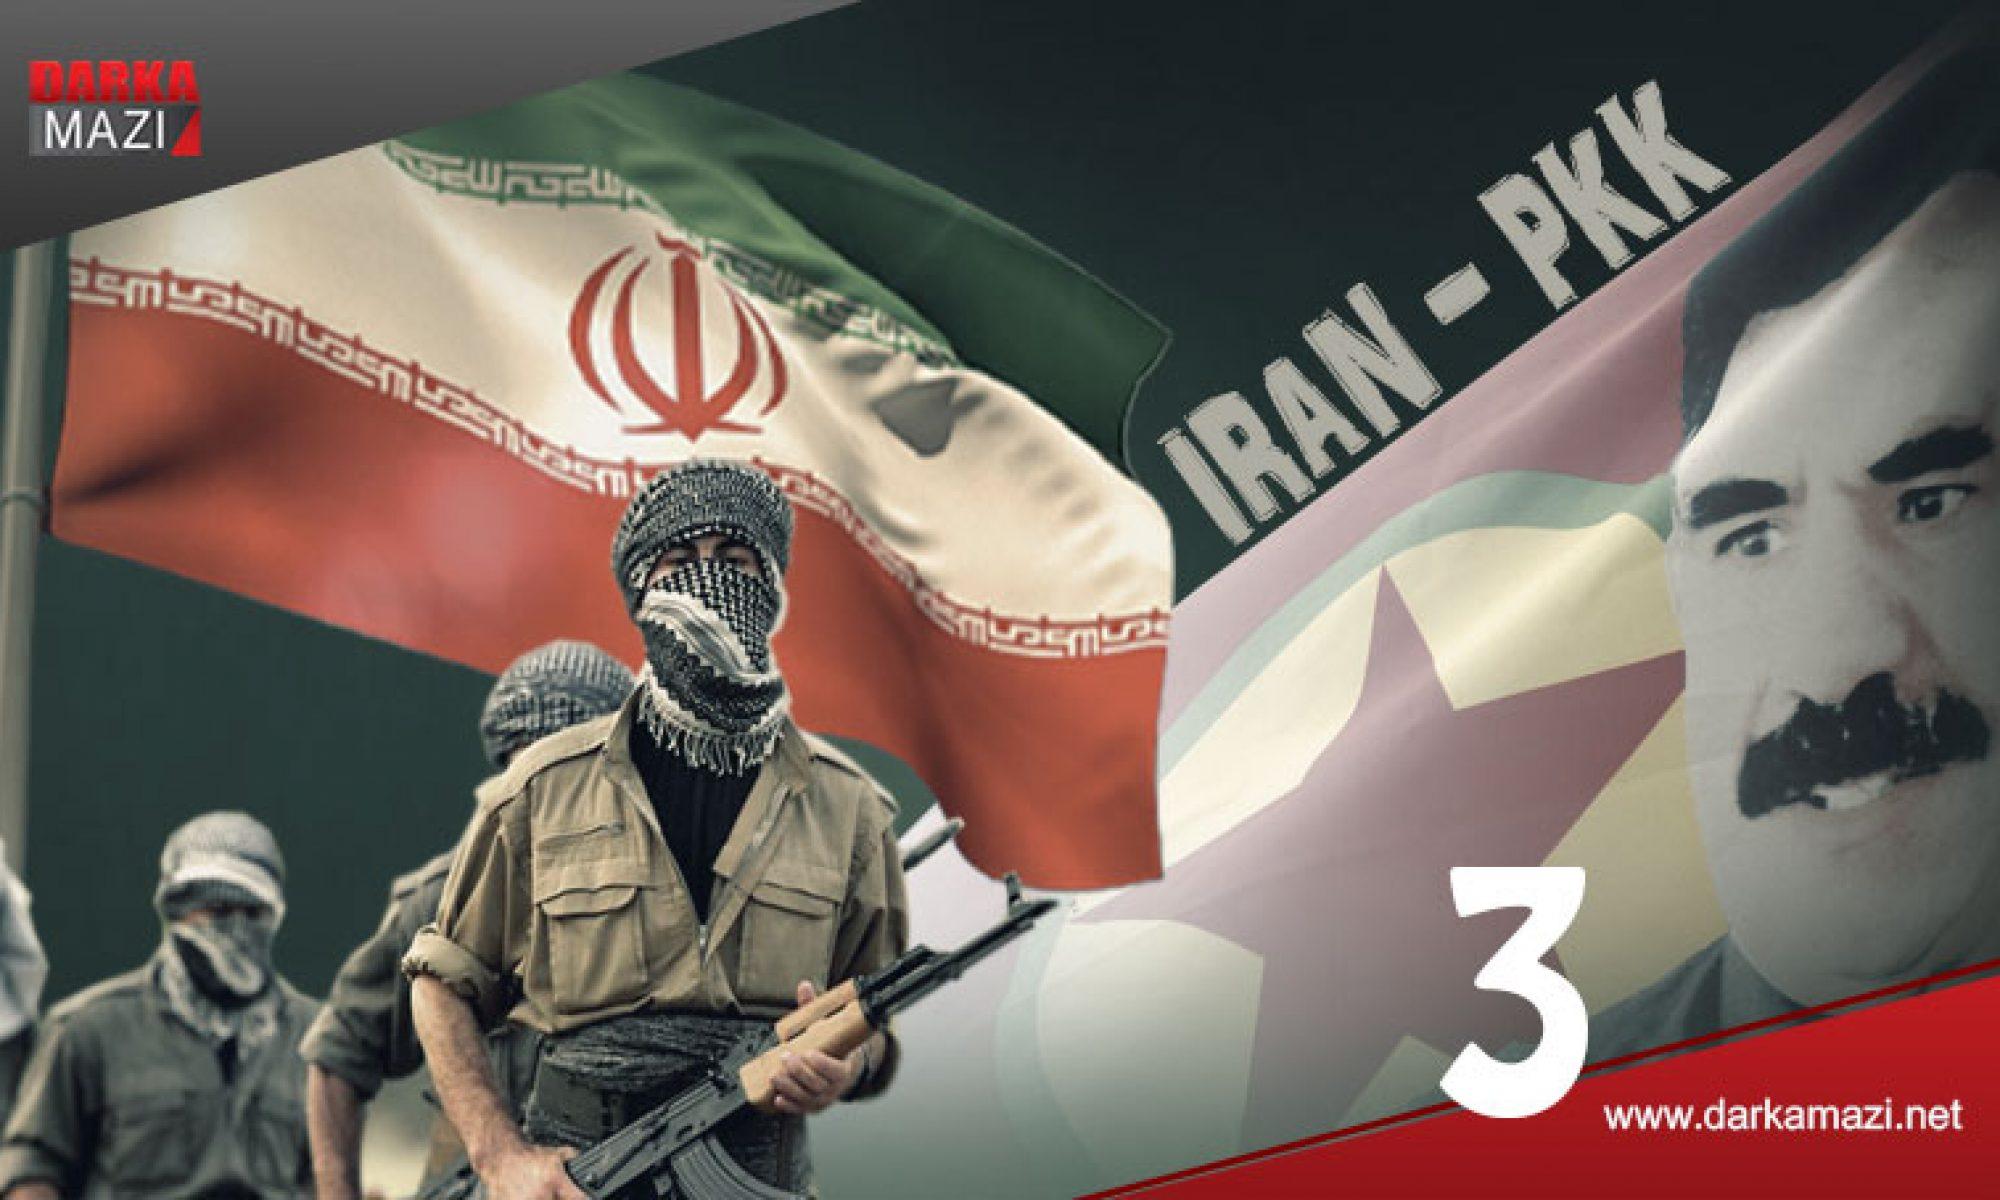 Özel Dosya 3. Bölüm: İran- PKK ilişkileri tasfiye, uyuşturucu ve gümrük çıkarlarında nasıl kullanıldı? Rıza Altun, Mustafa Karasu, Muhammed Pencevini, Agirê Sor, idam